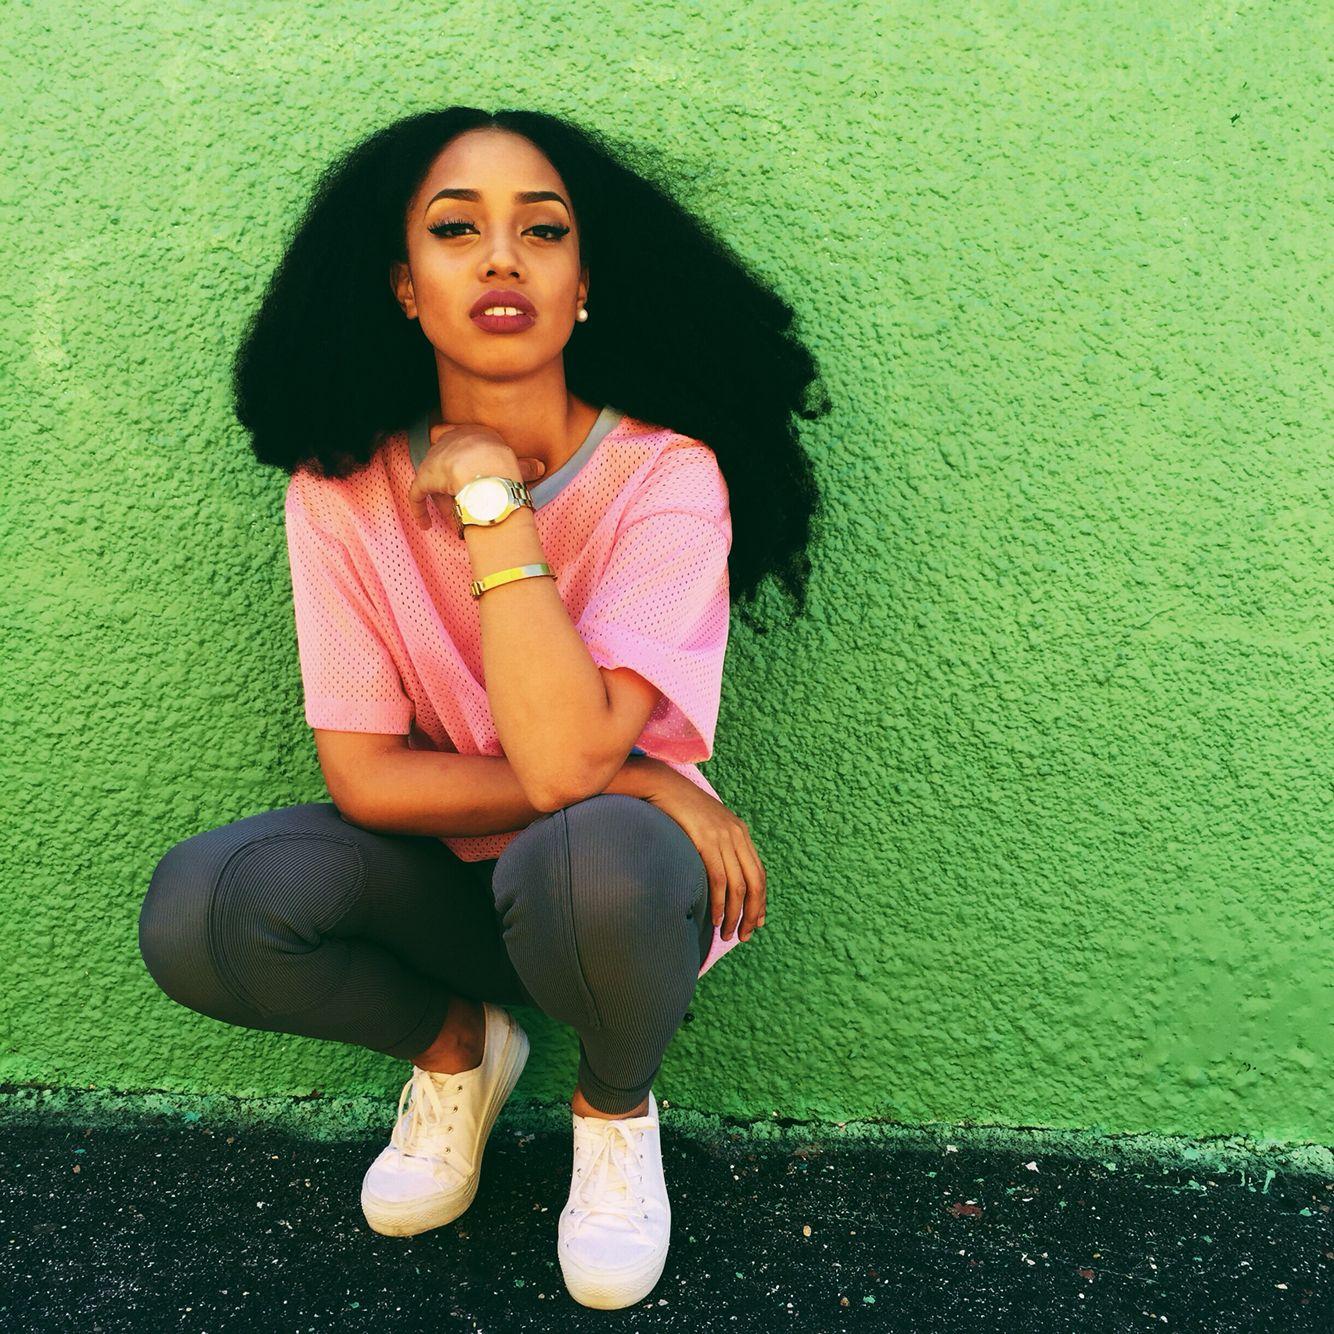 loredana Black culture, Portrait photography, People